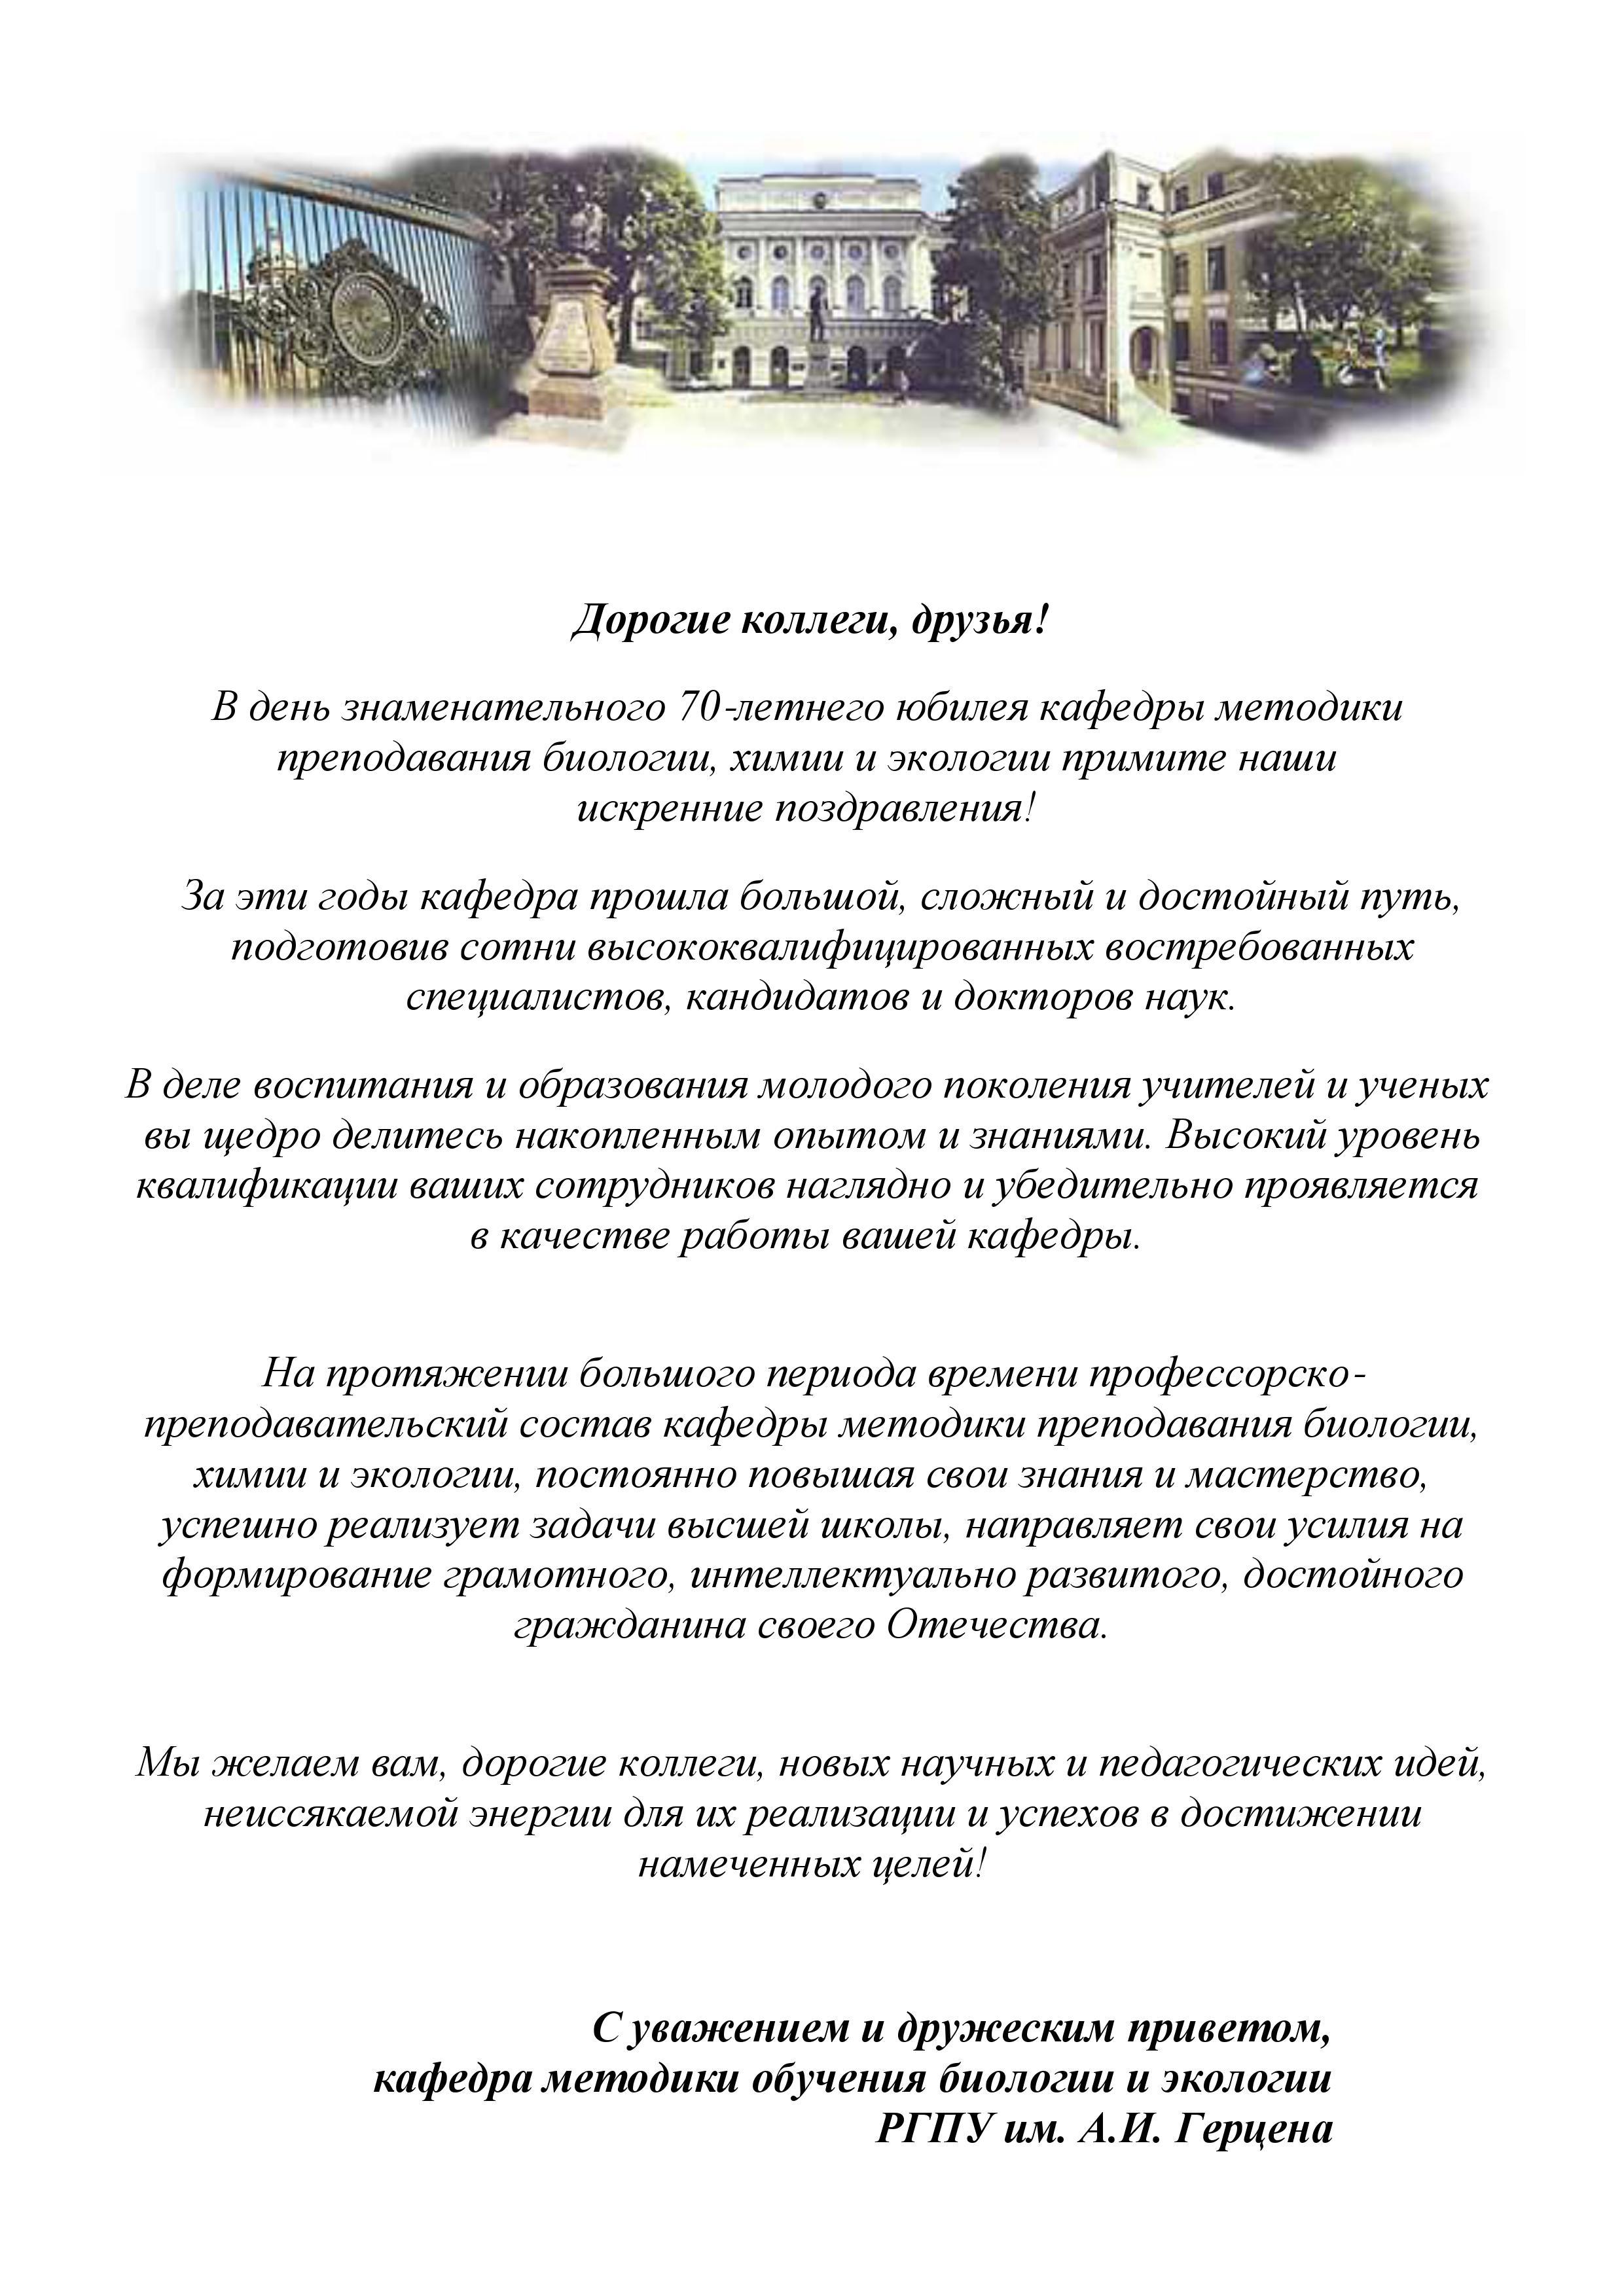 Поздравления к юбилею факультета